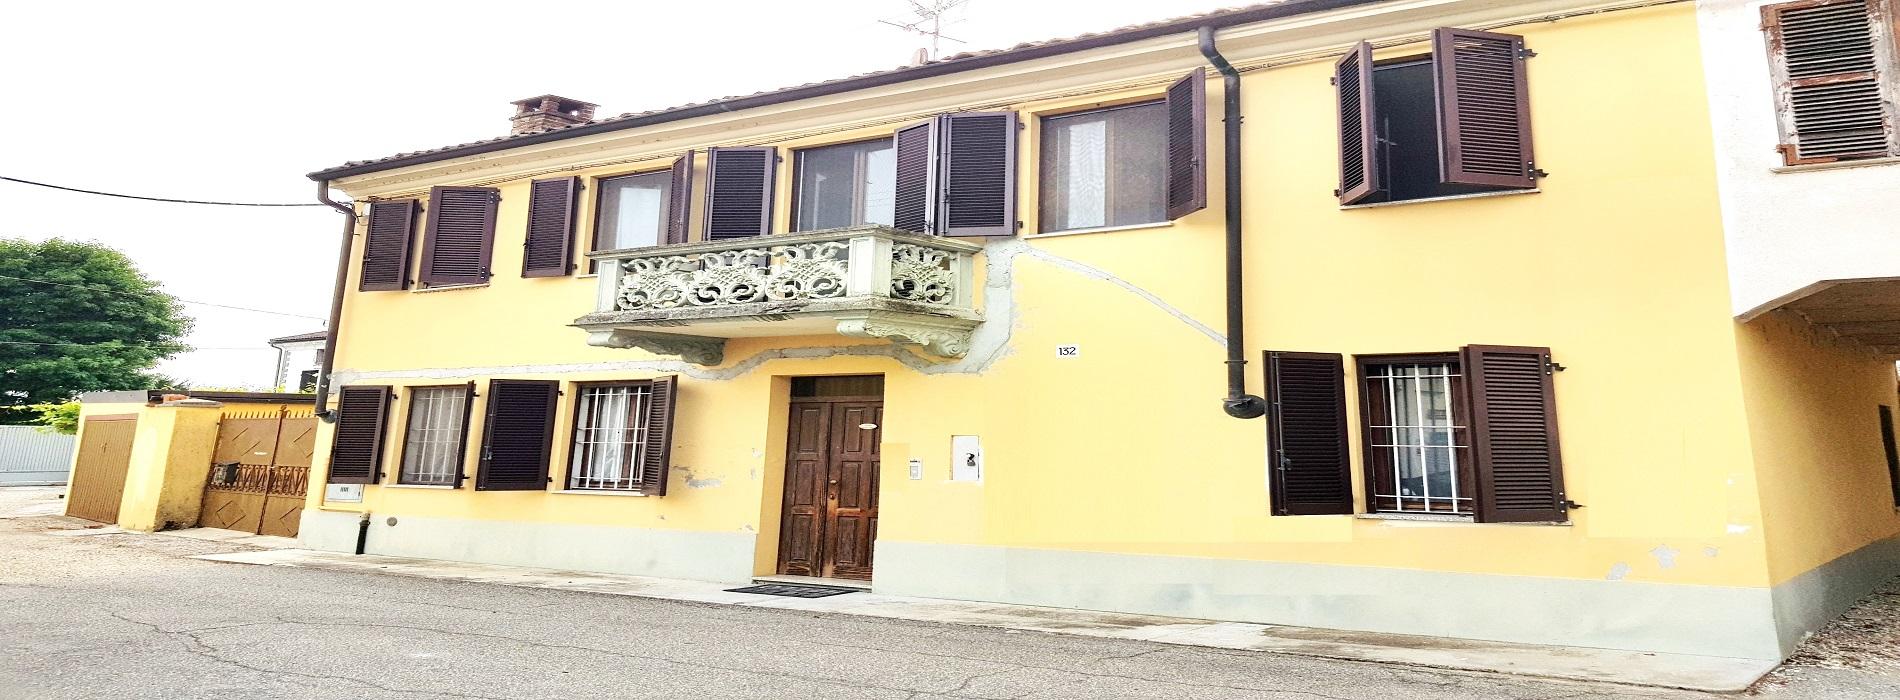 CASALE POPOLO (CANTONE CHIESA) Vendesi casa indipendente ristrutturata mq. 172